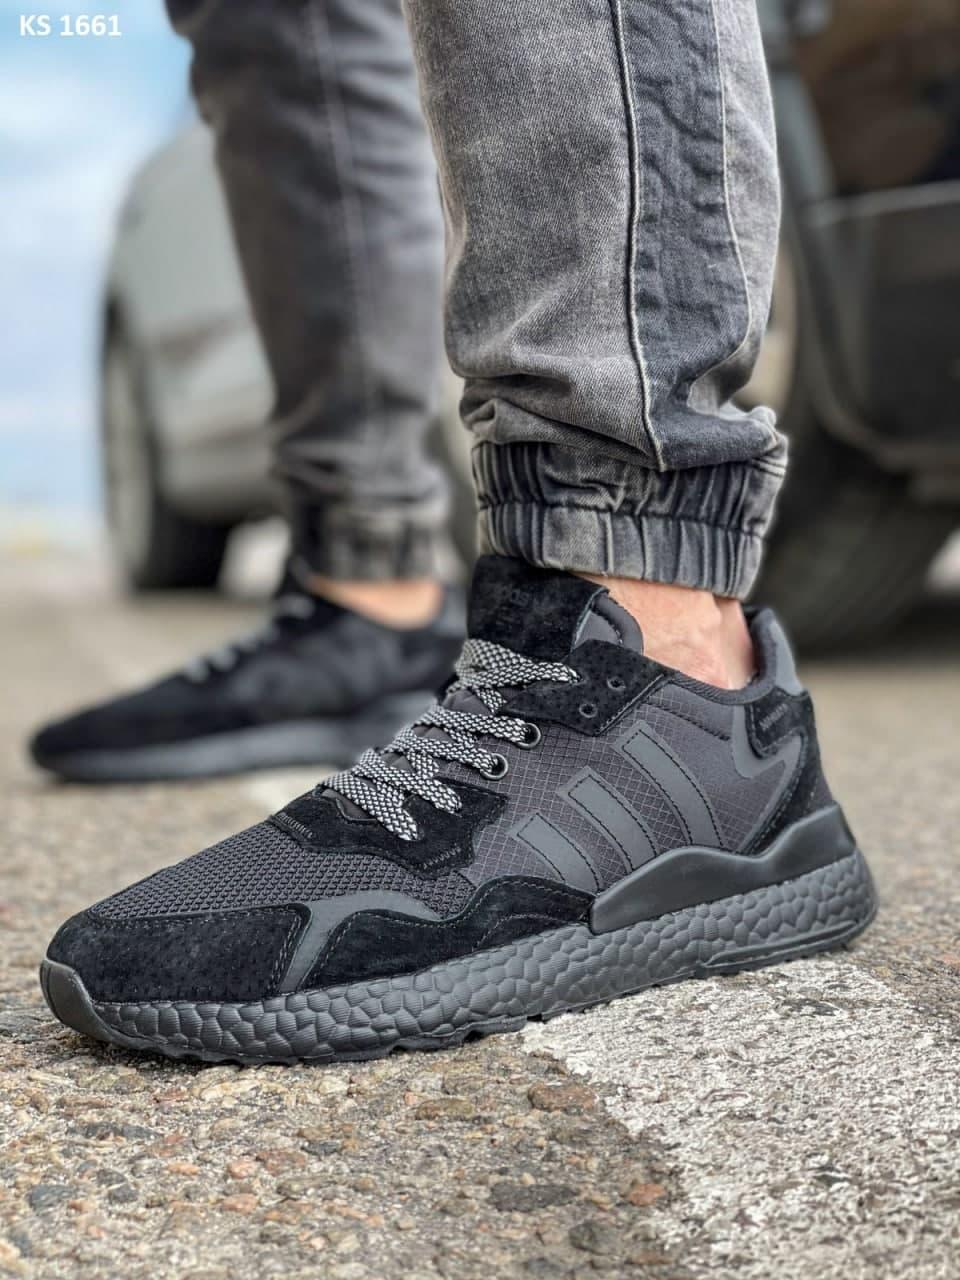 Мужские кроссовки Adidas Nite Jogger Boost 3M (черные) KS 1661 весенние модные кроссы